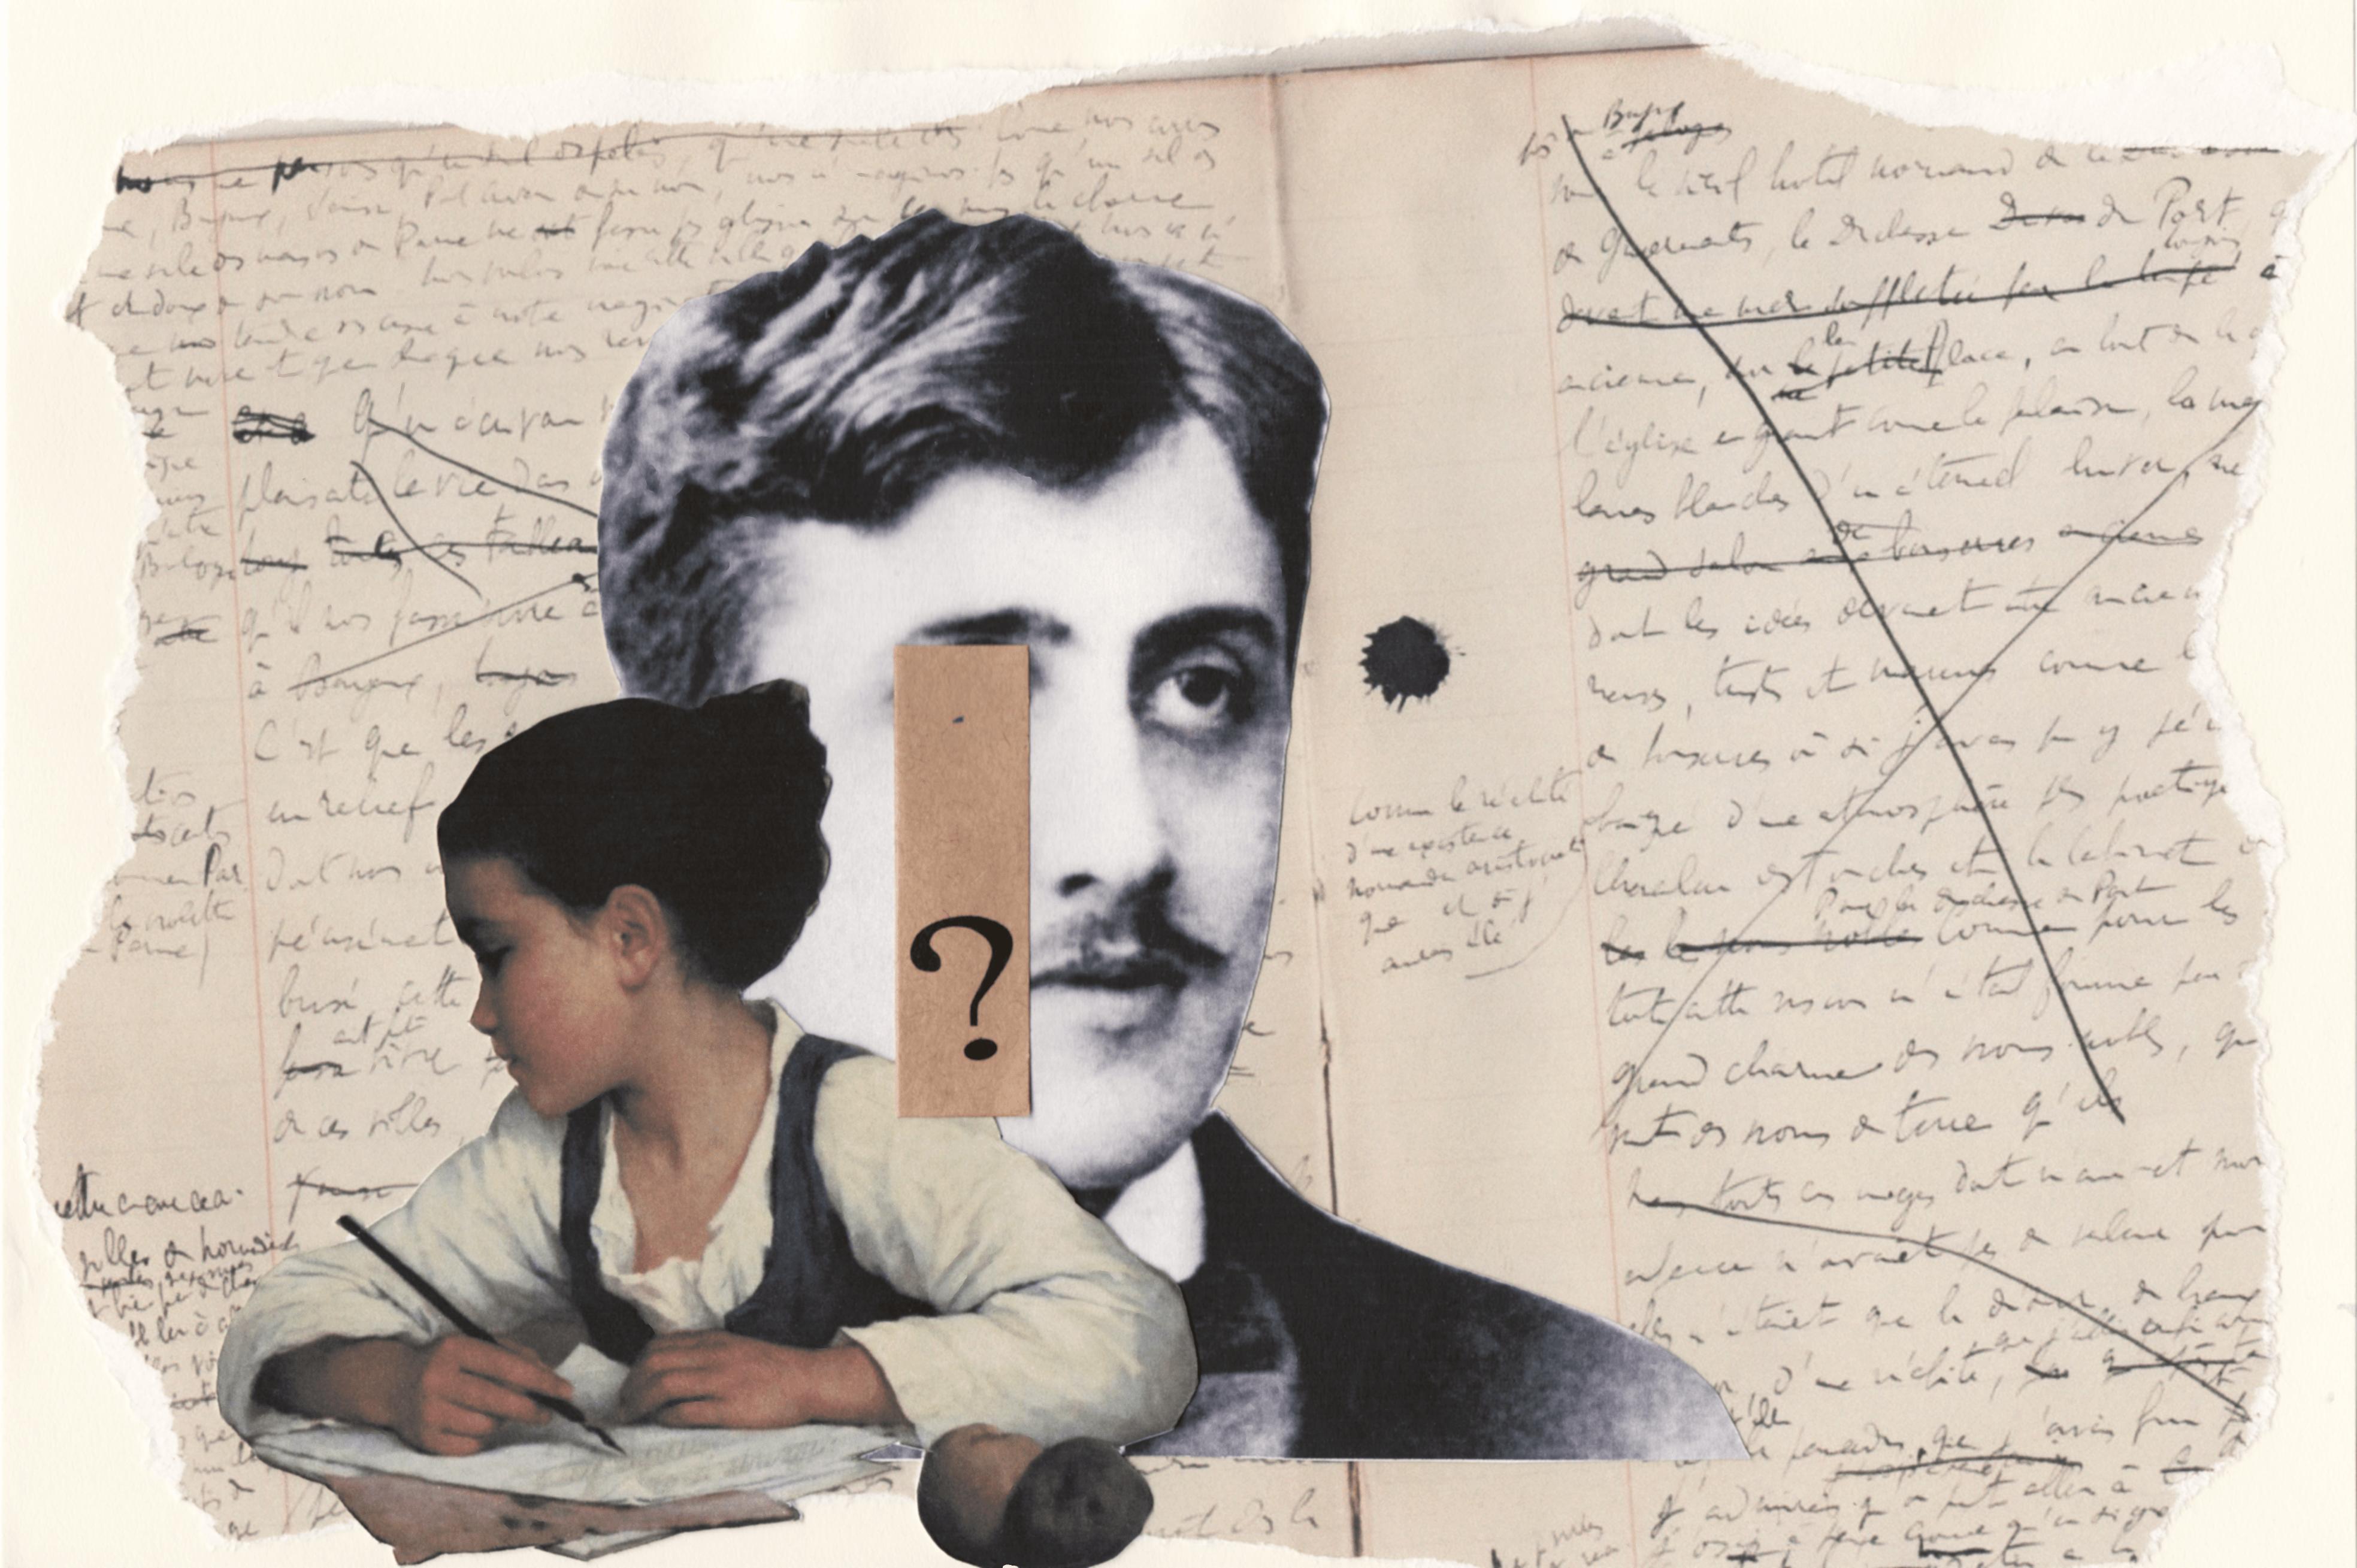 memoria memoriali e questionario di Proust